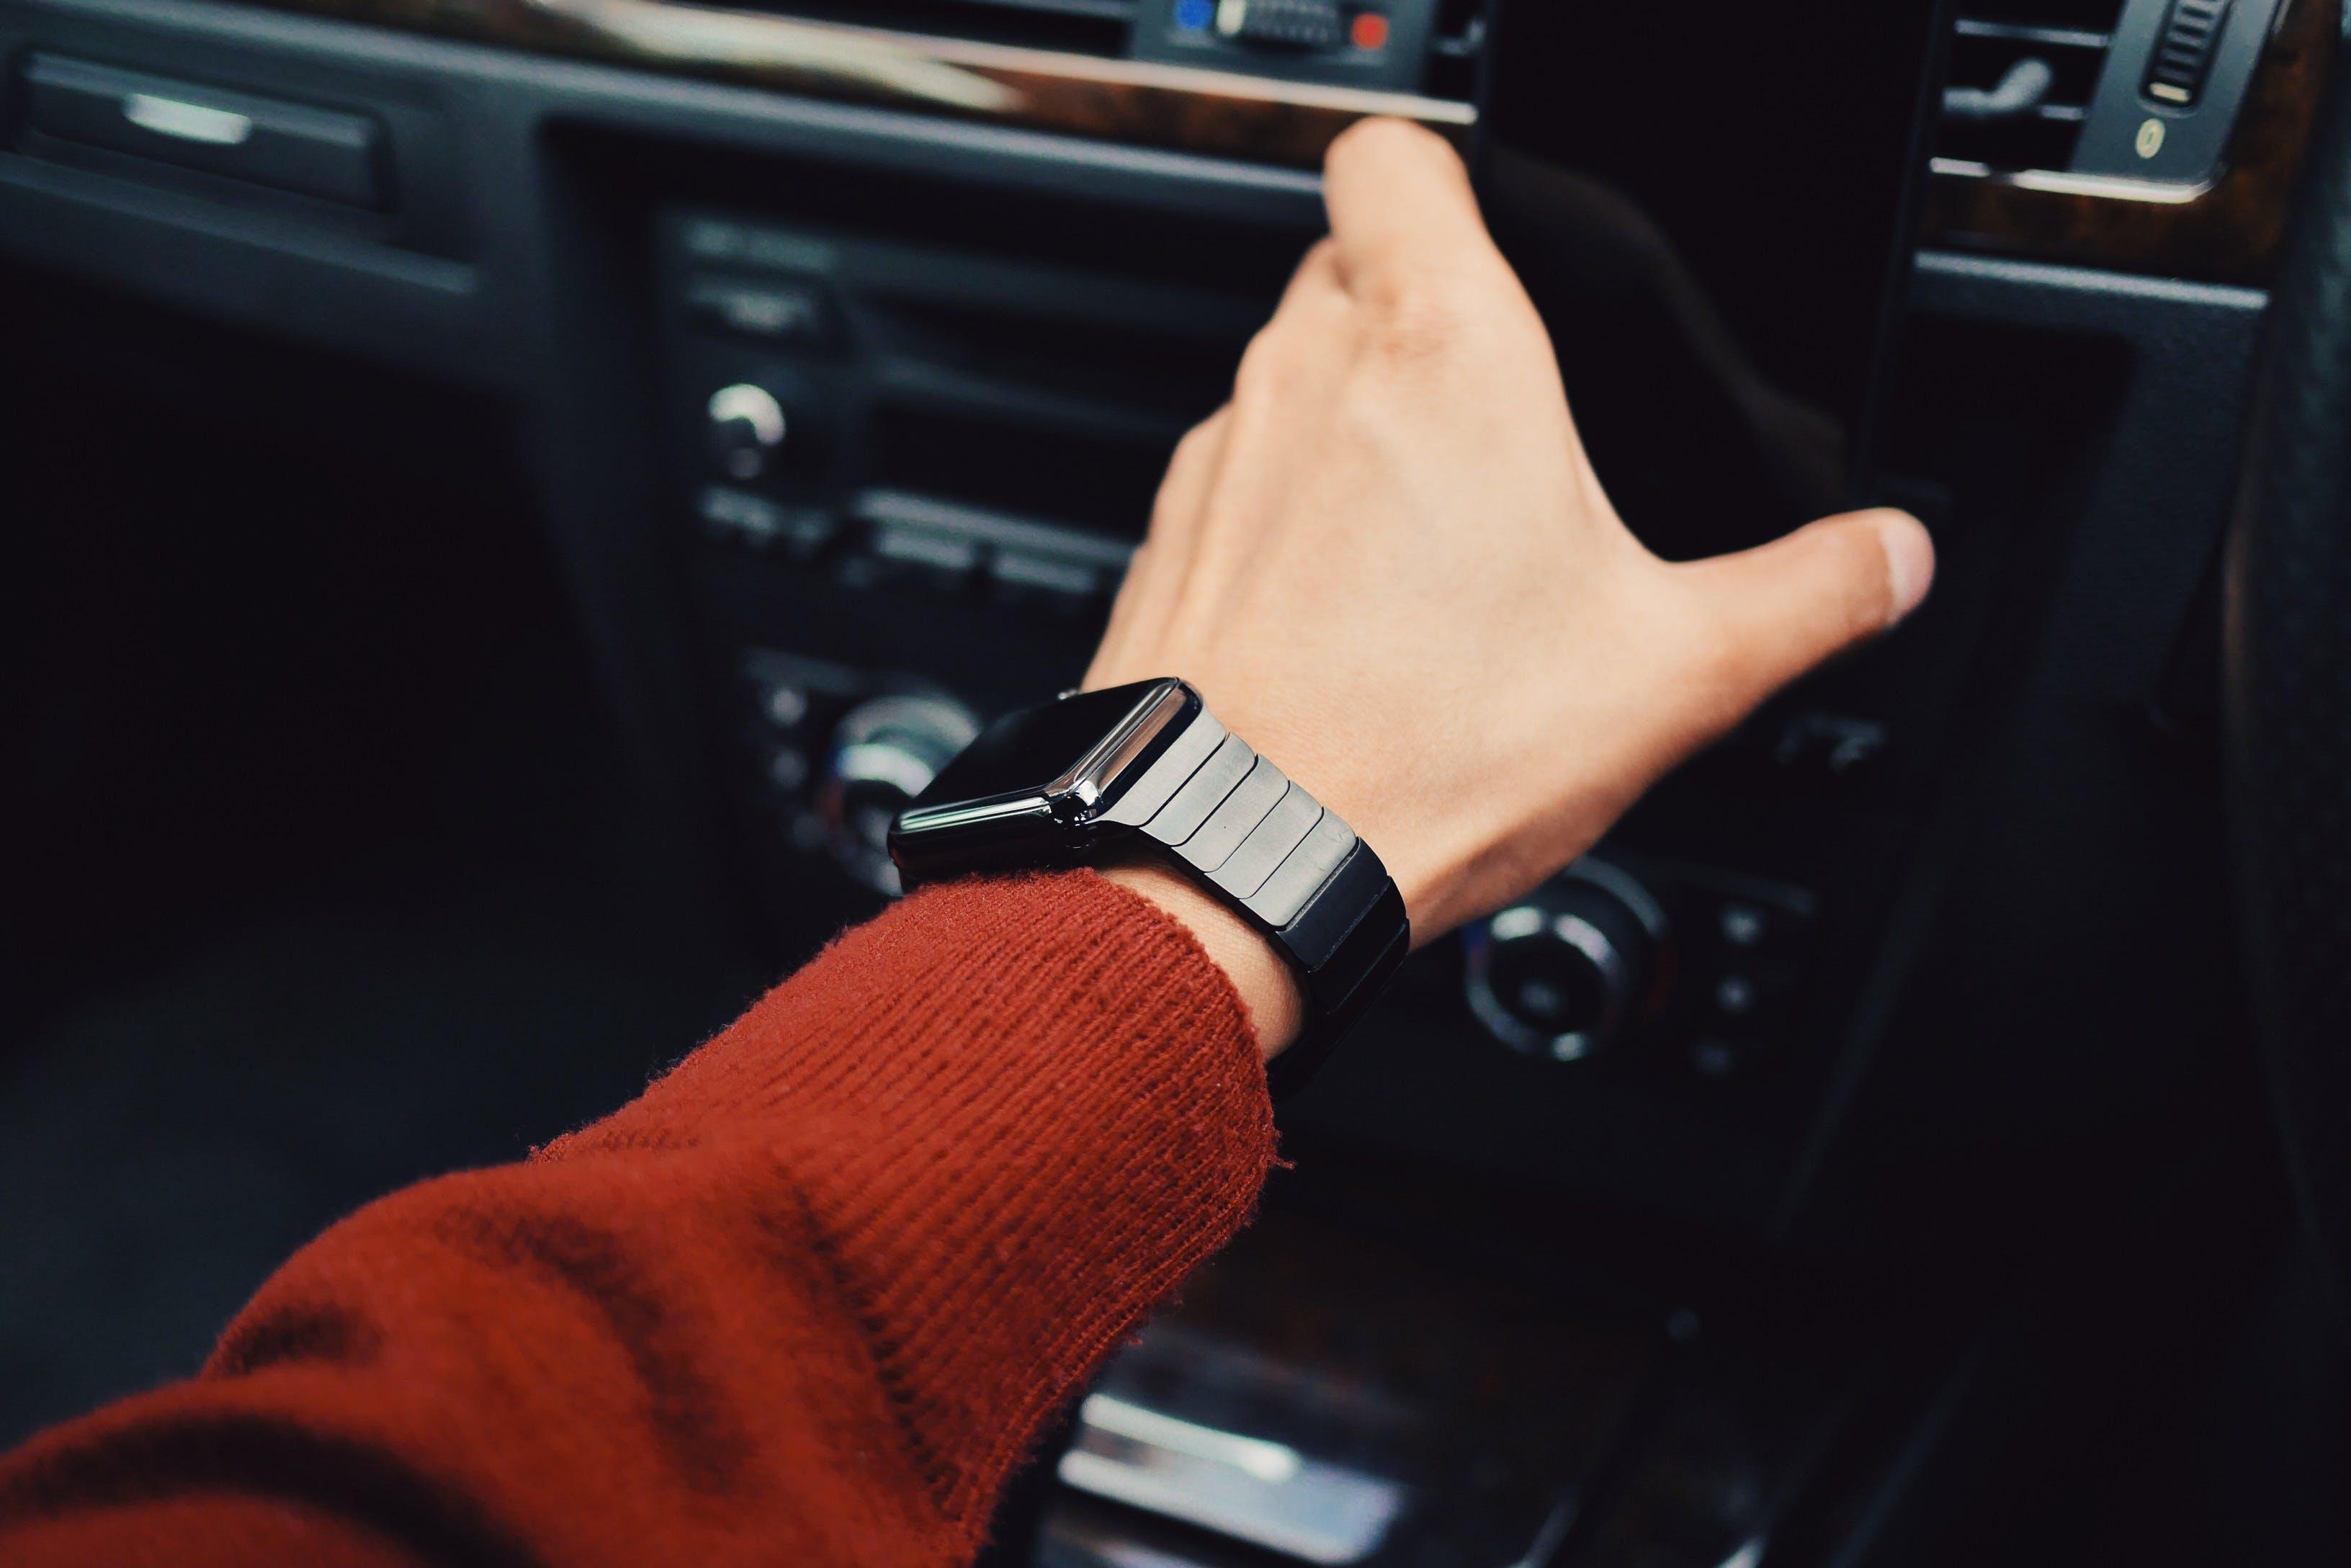 apple watch, arm, fashion